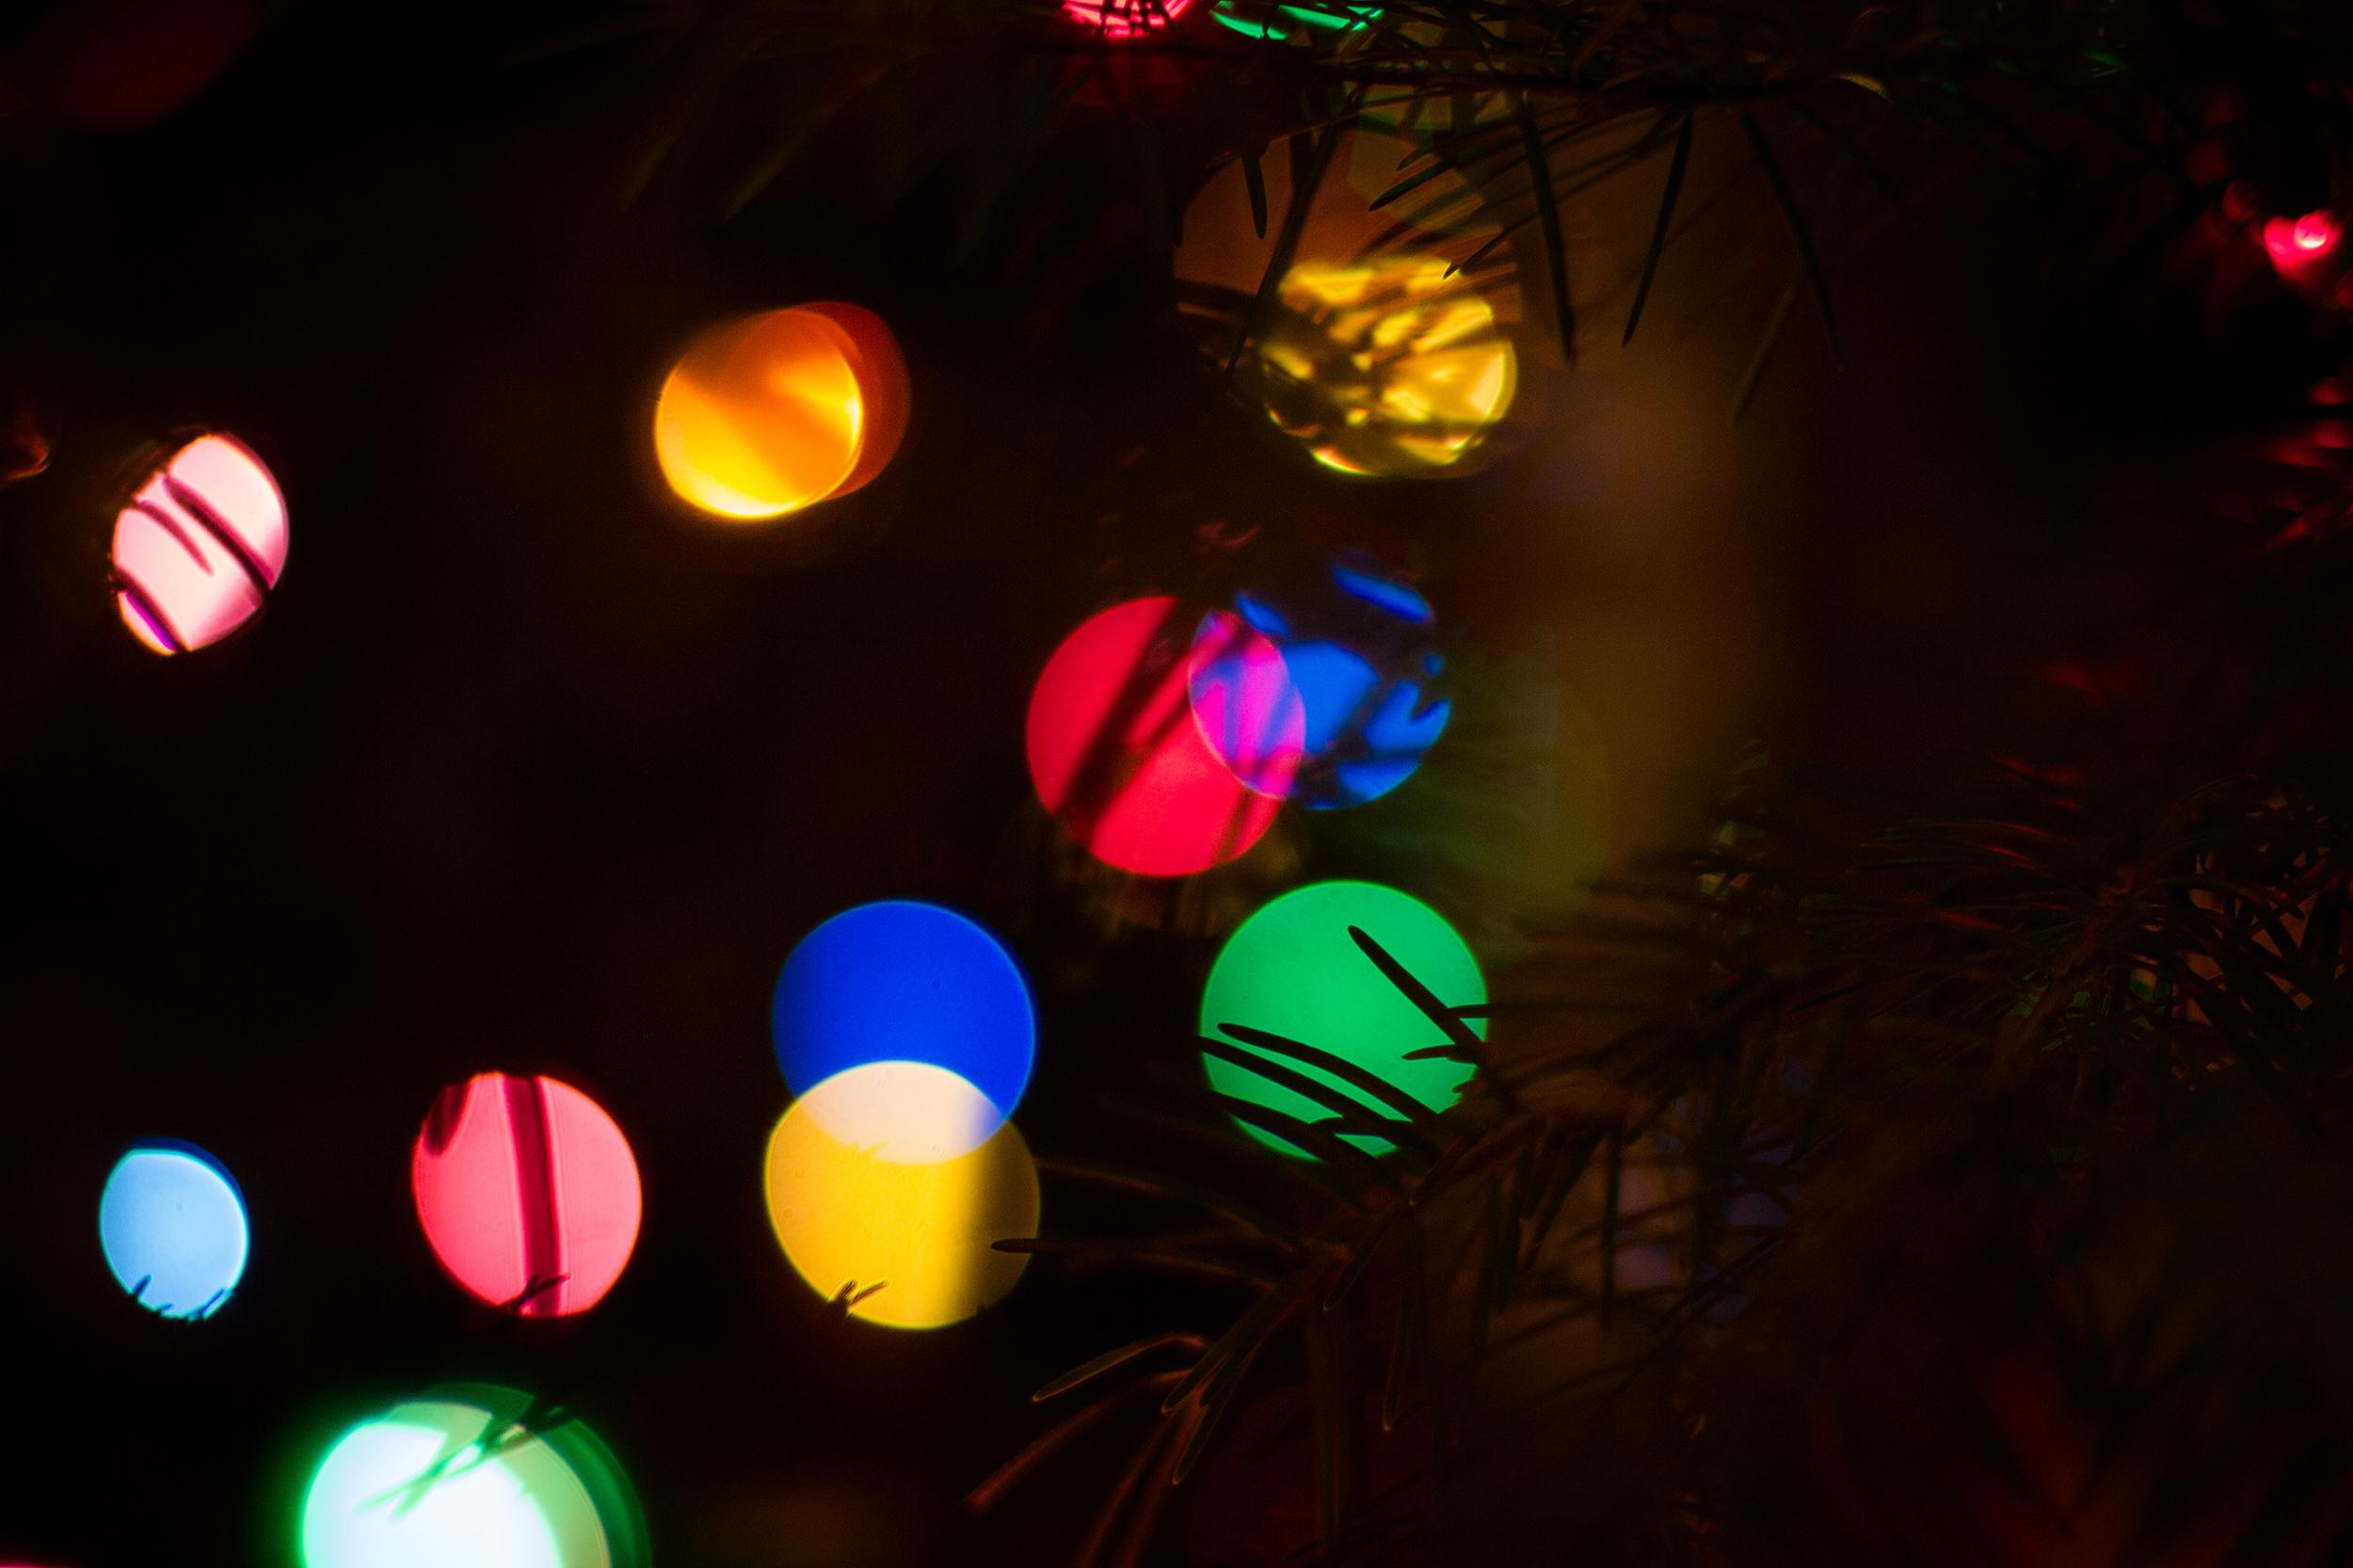 Christmas lights2 for web.jpg